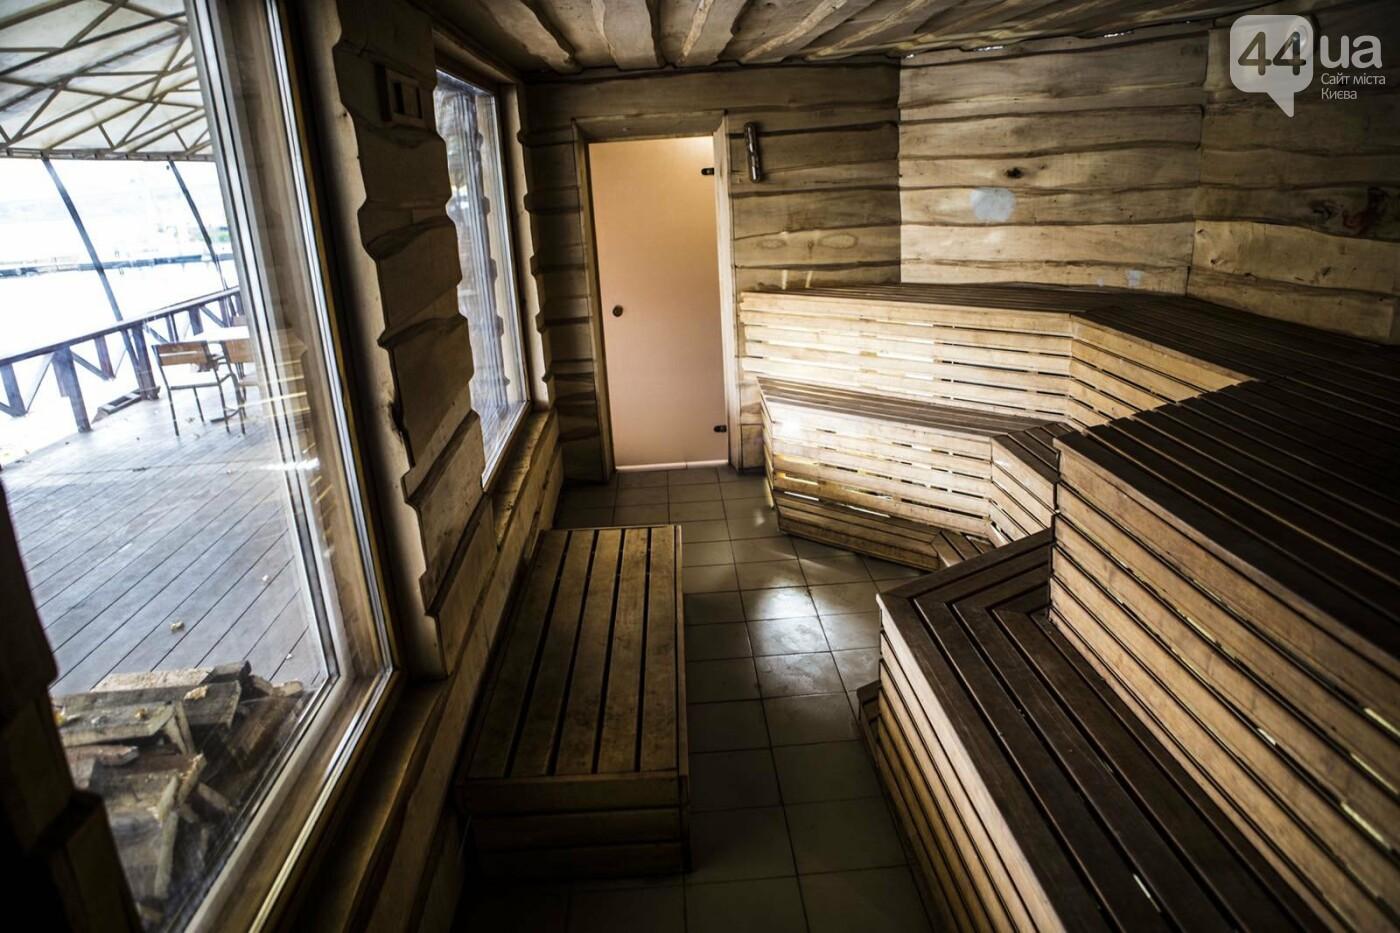 Банный комплекс X-PARK – самый оригинальный способ хорошо расслабиться и отлично провести время, фото-1